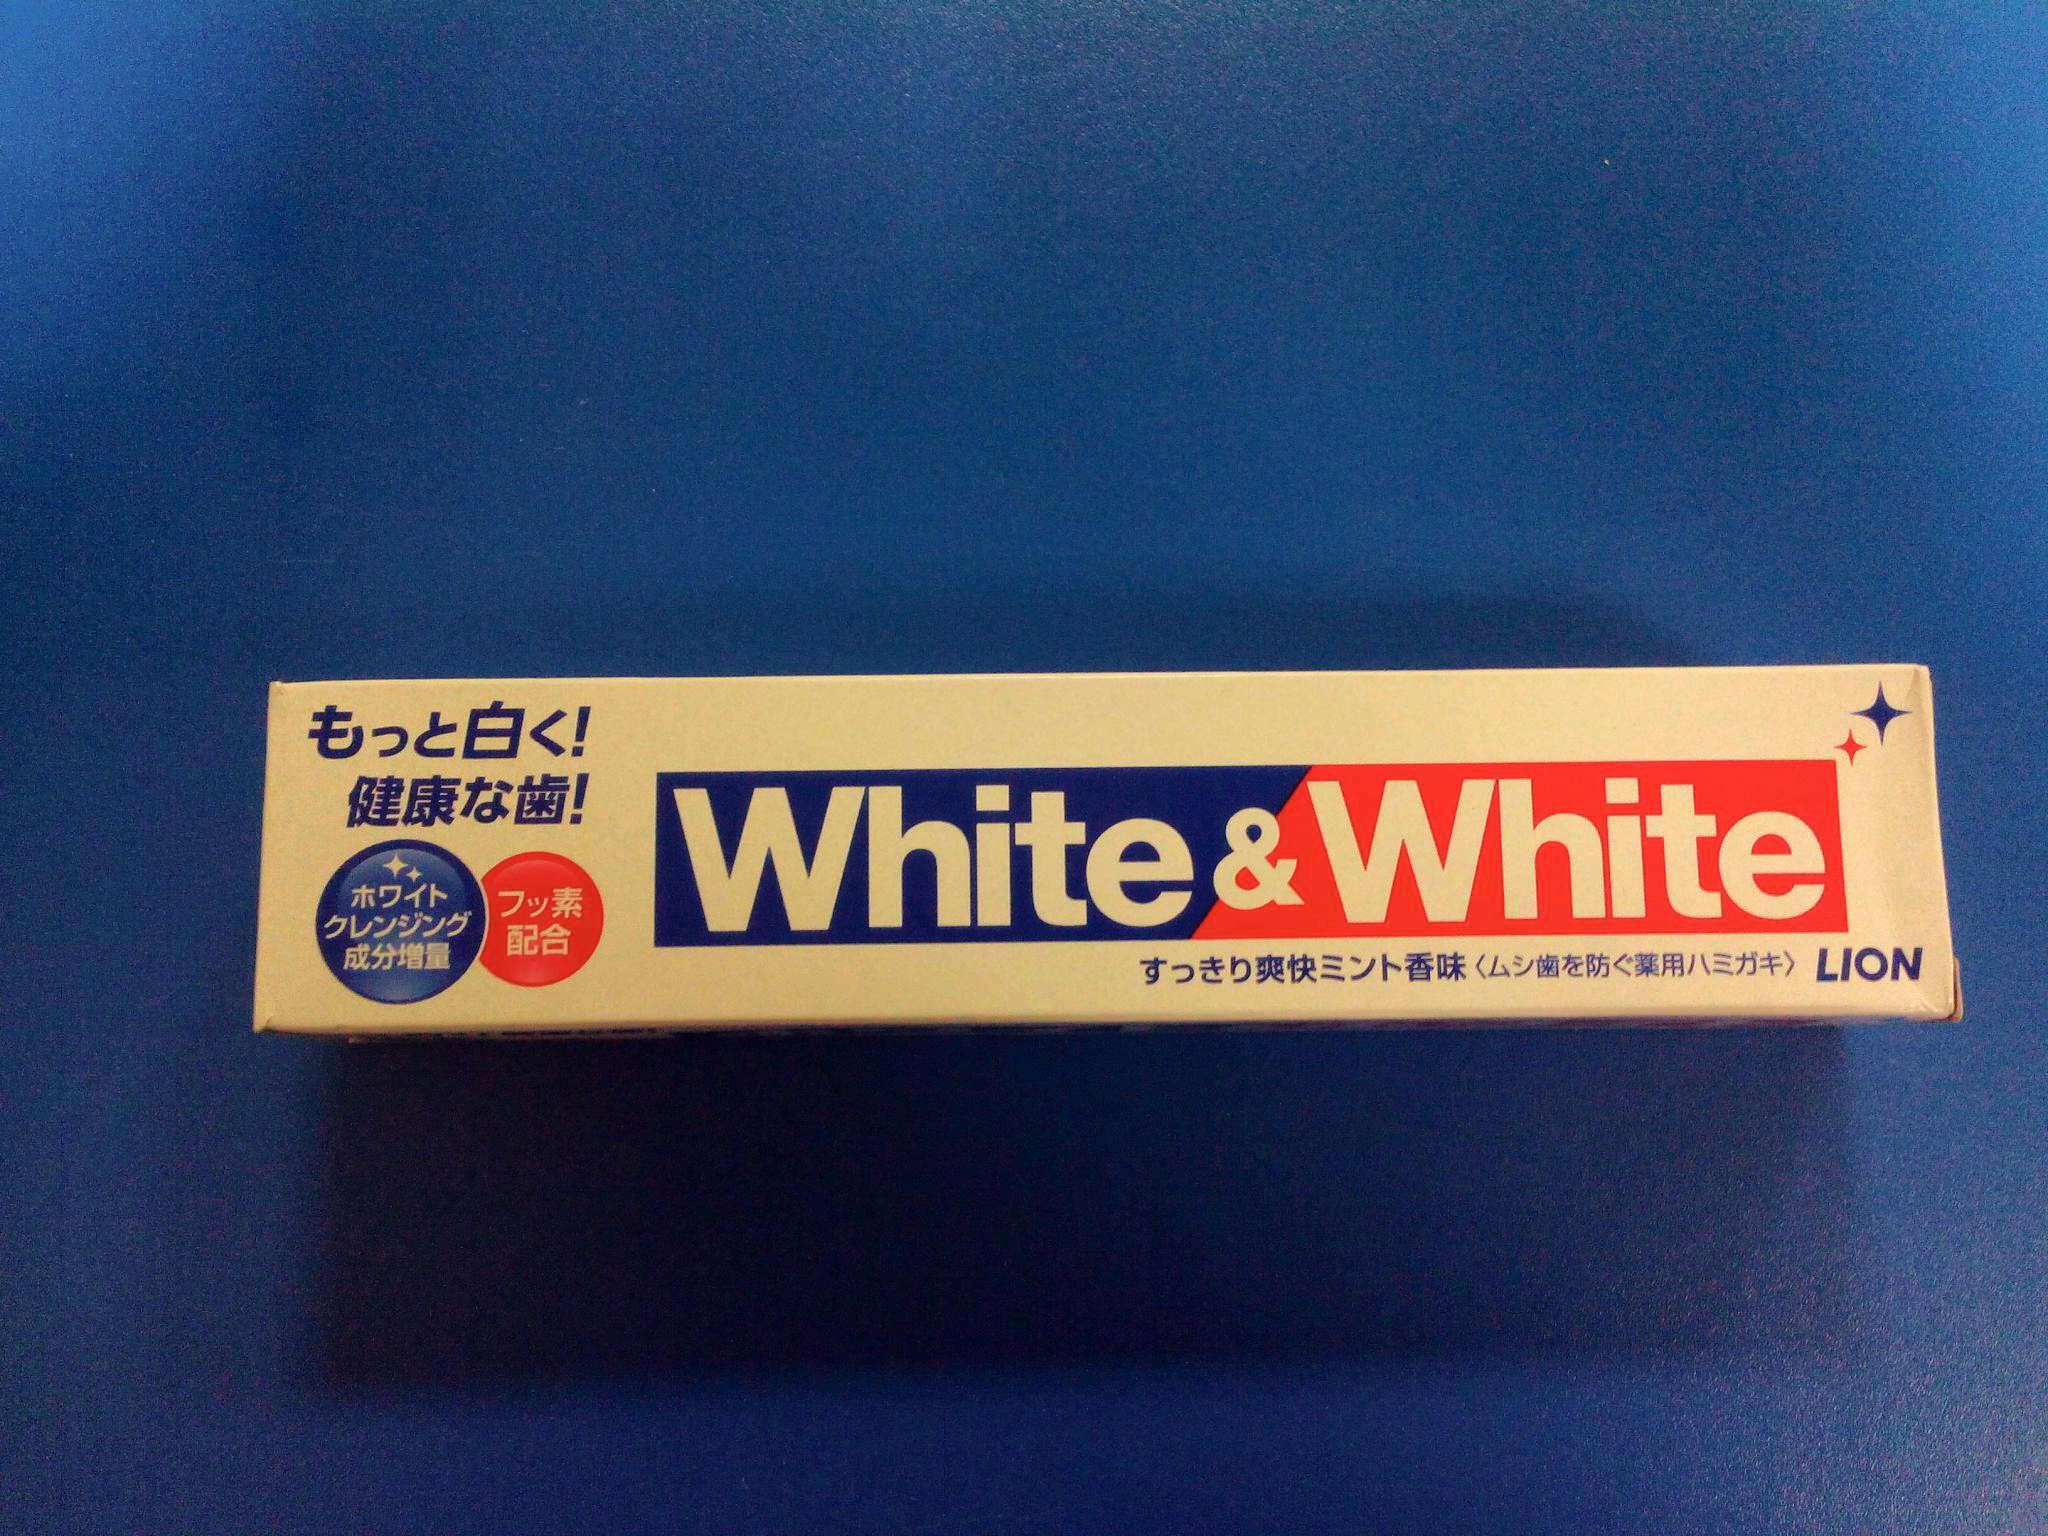 zact зубная паста купить